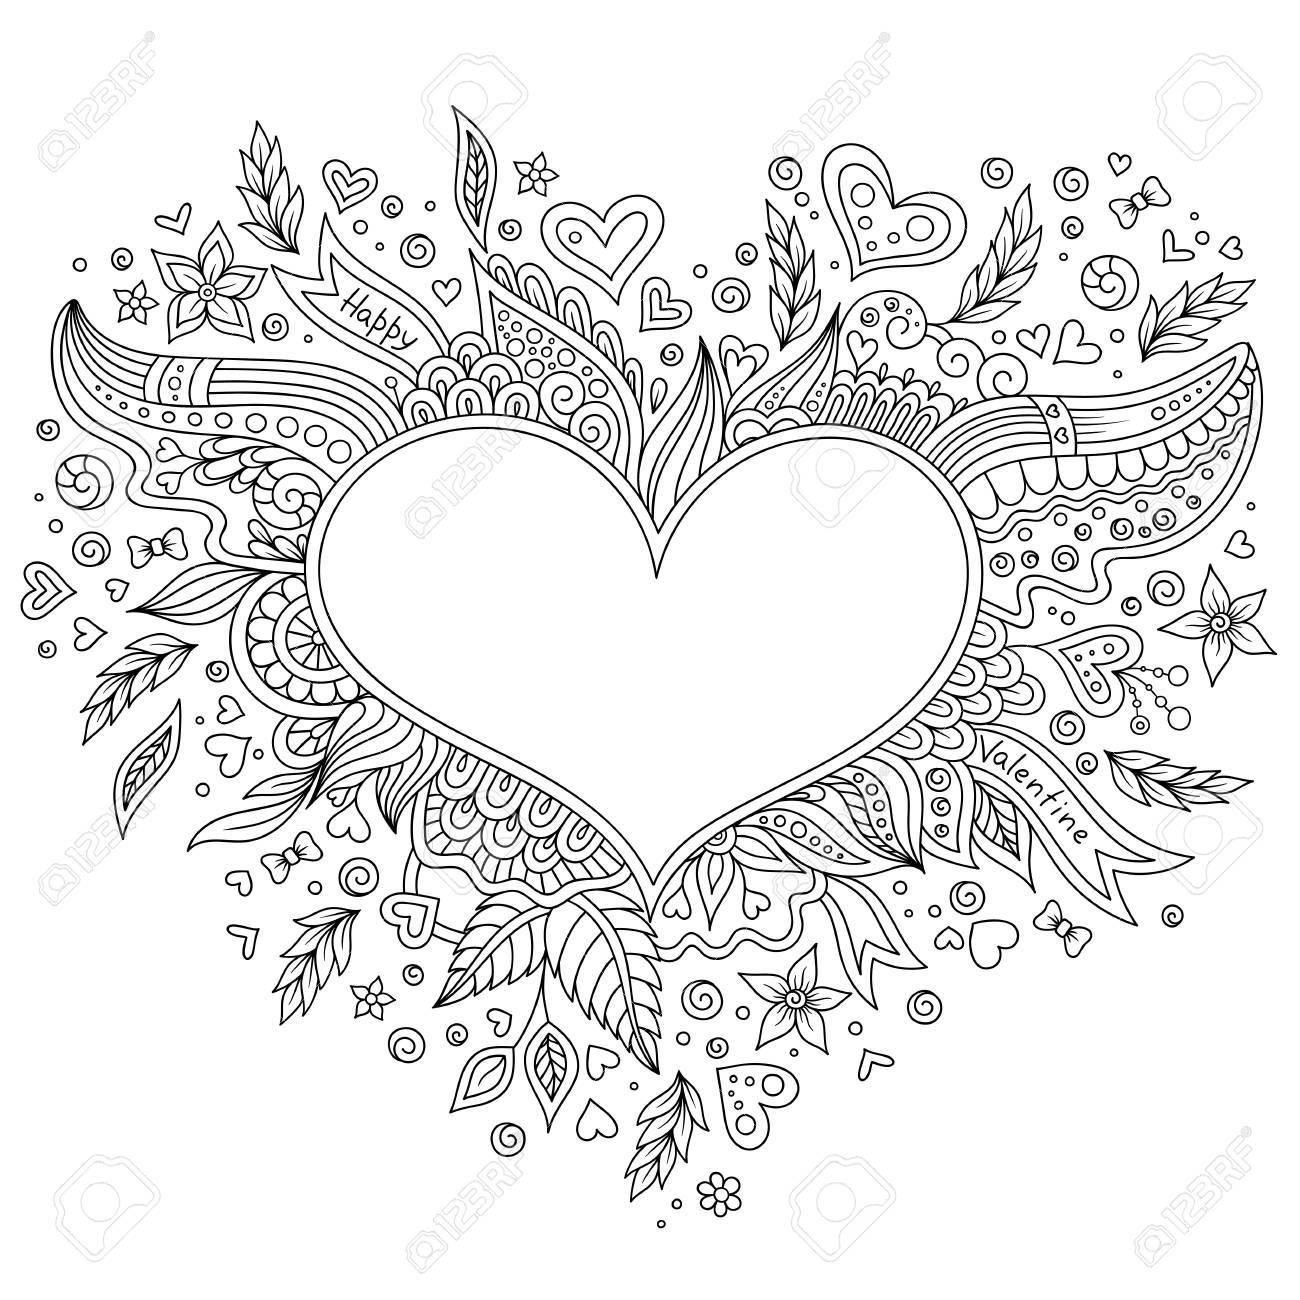 Colorear Página Corazón Flor Del Día De San Valentín Dibujo Para Colorear Con Los Detalles Aislados Sobre Fondo Blanco